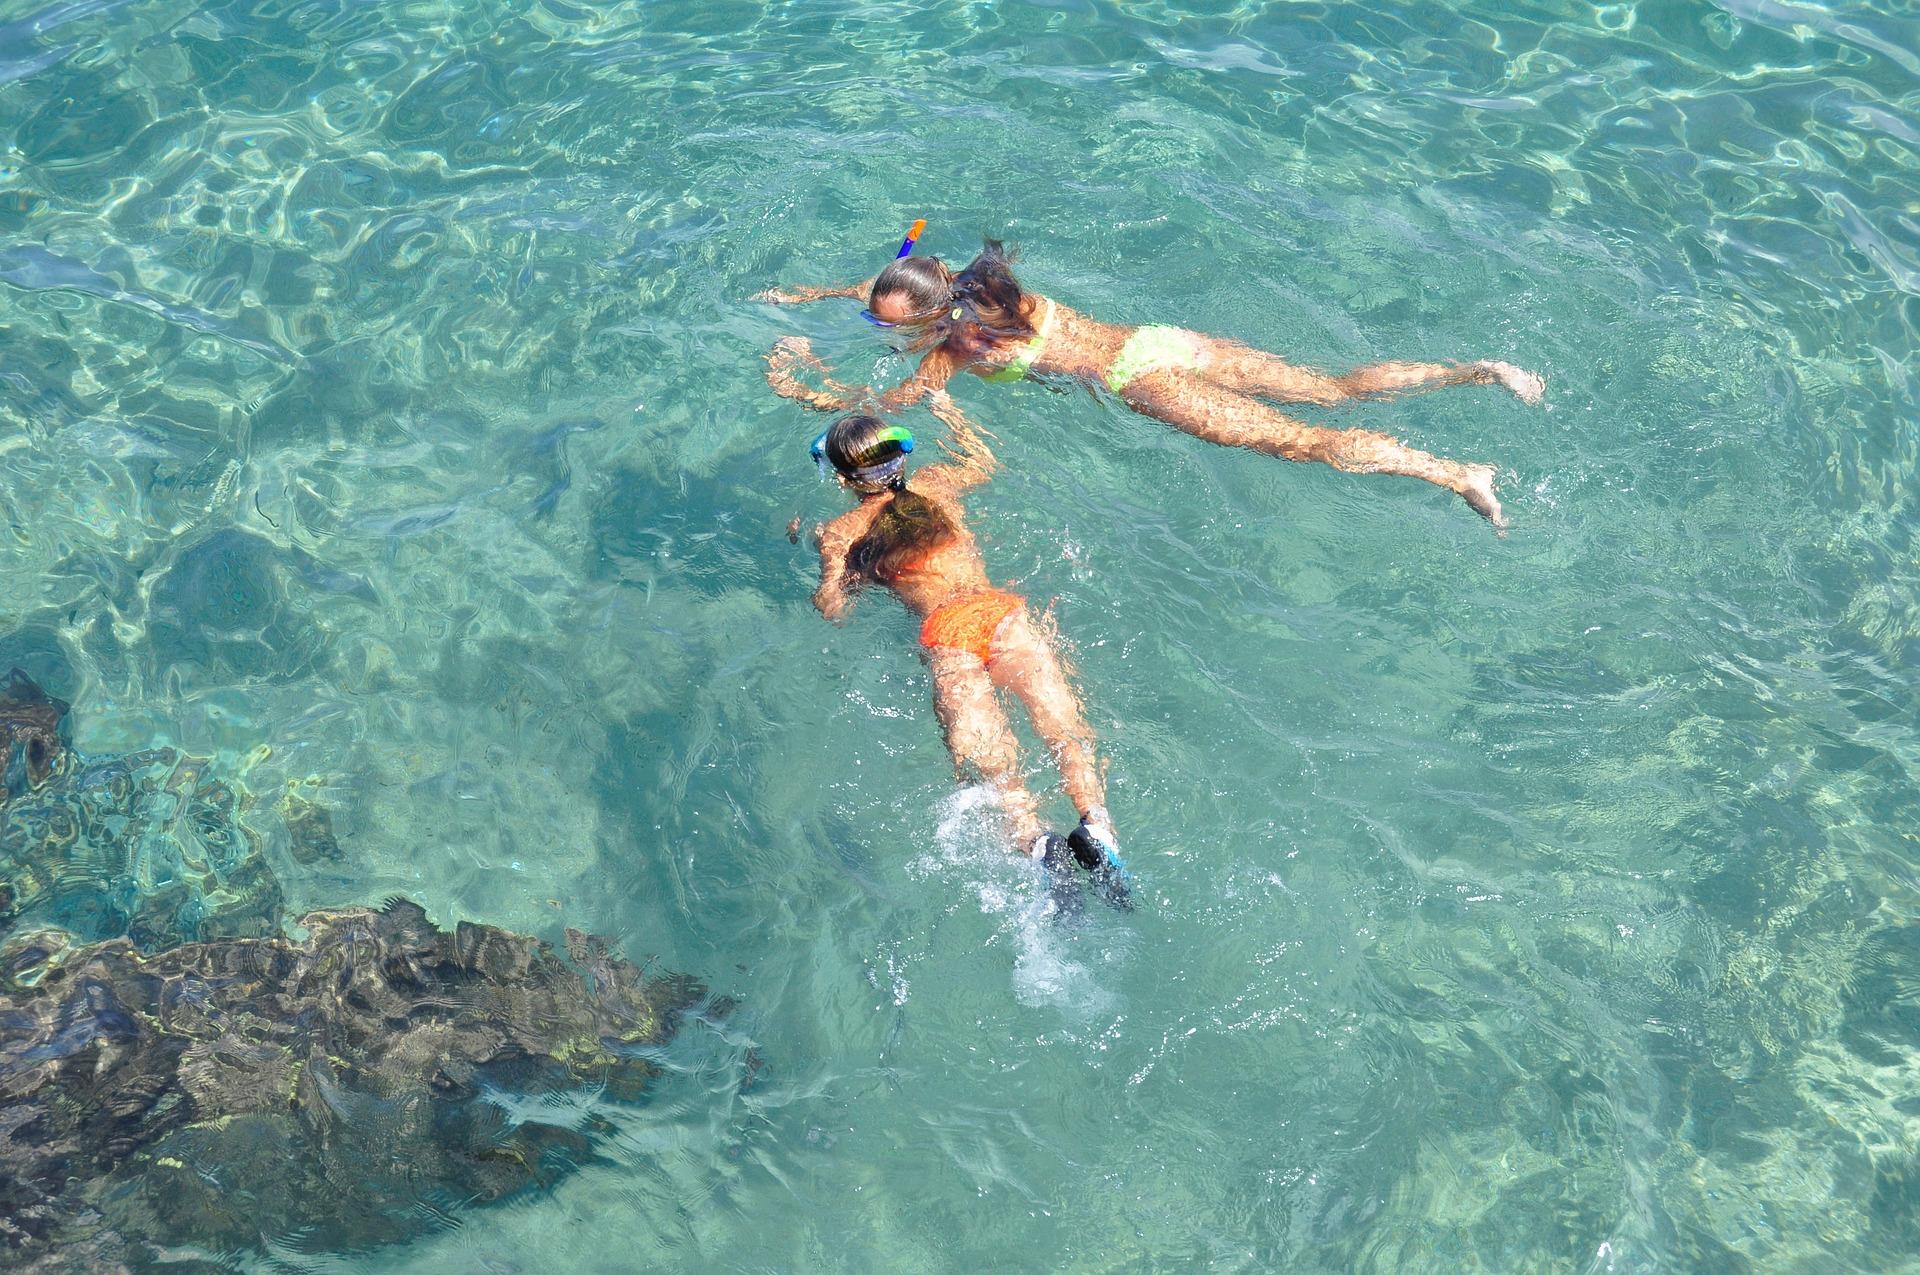 snorkeling-1551757_1920.jpg